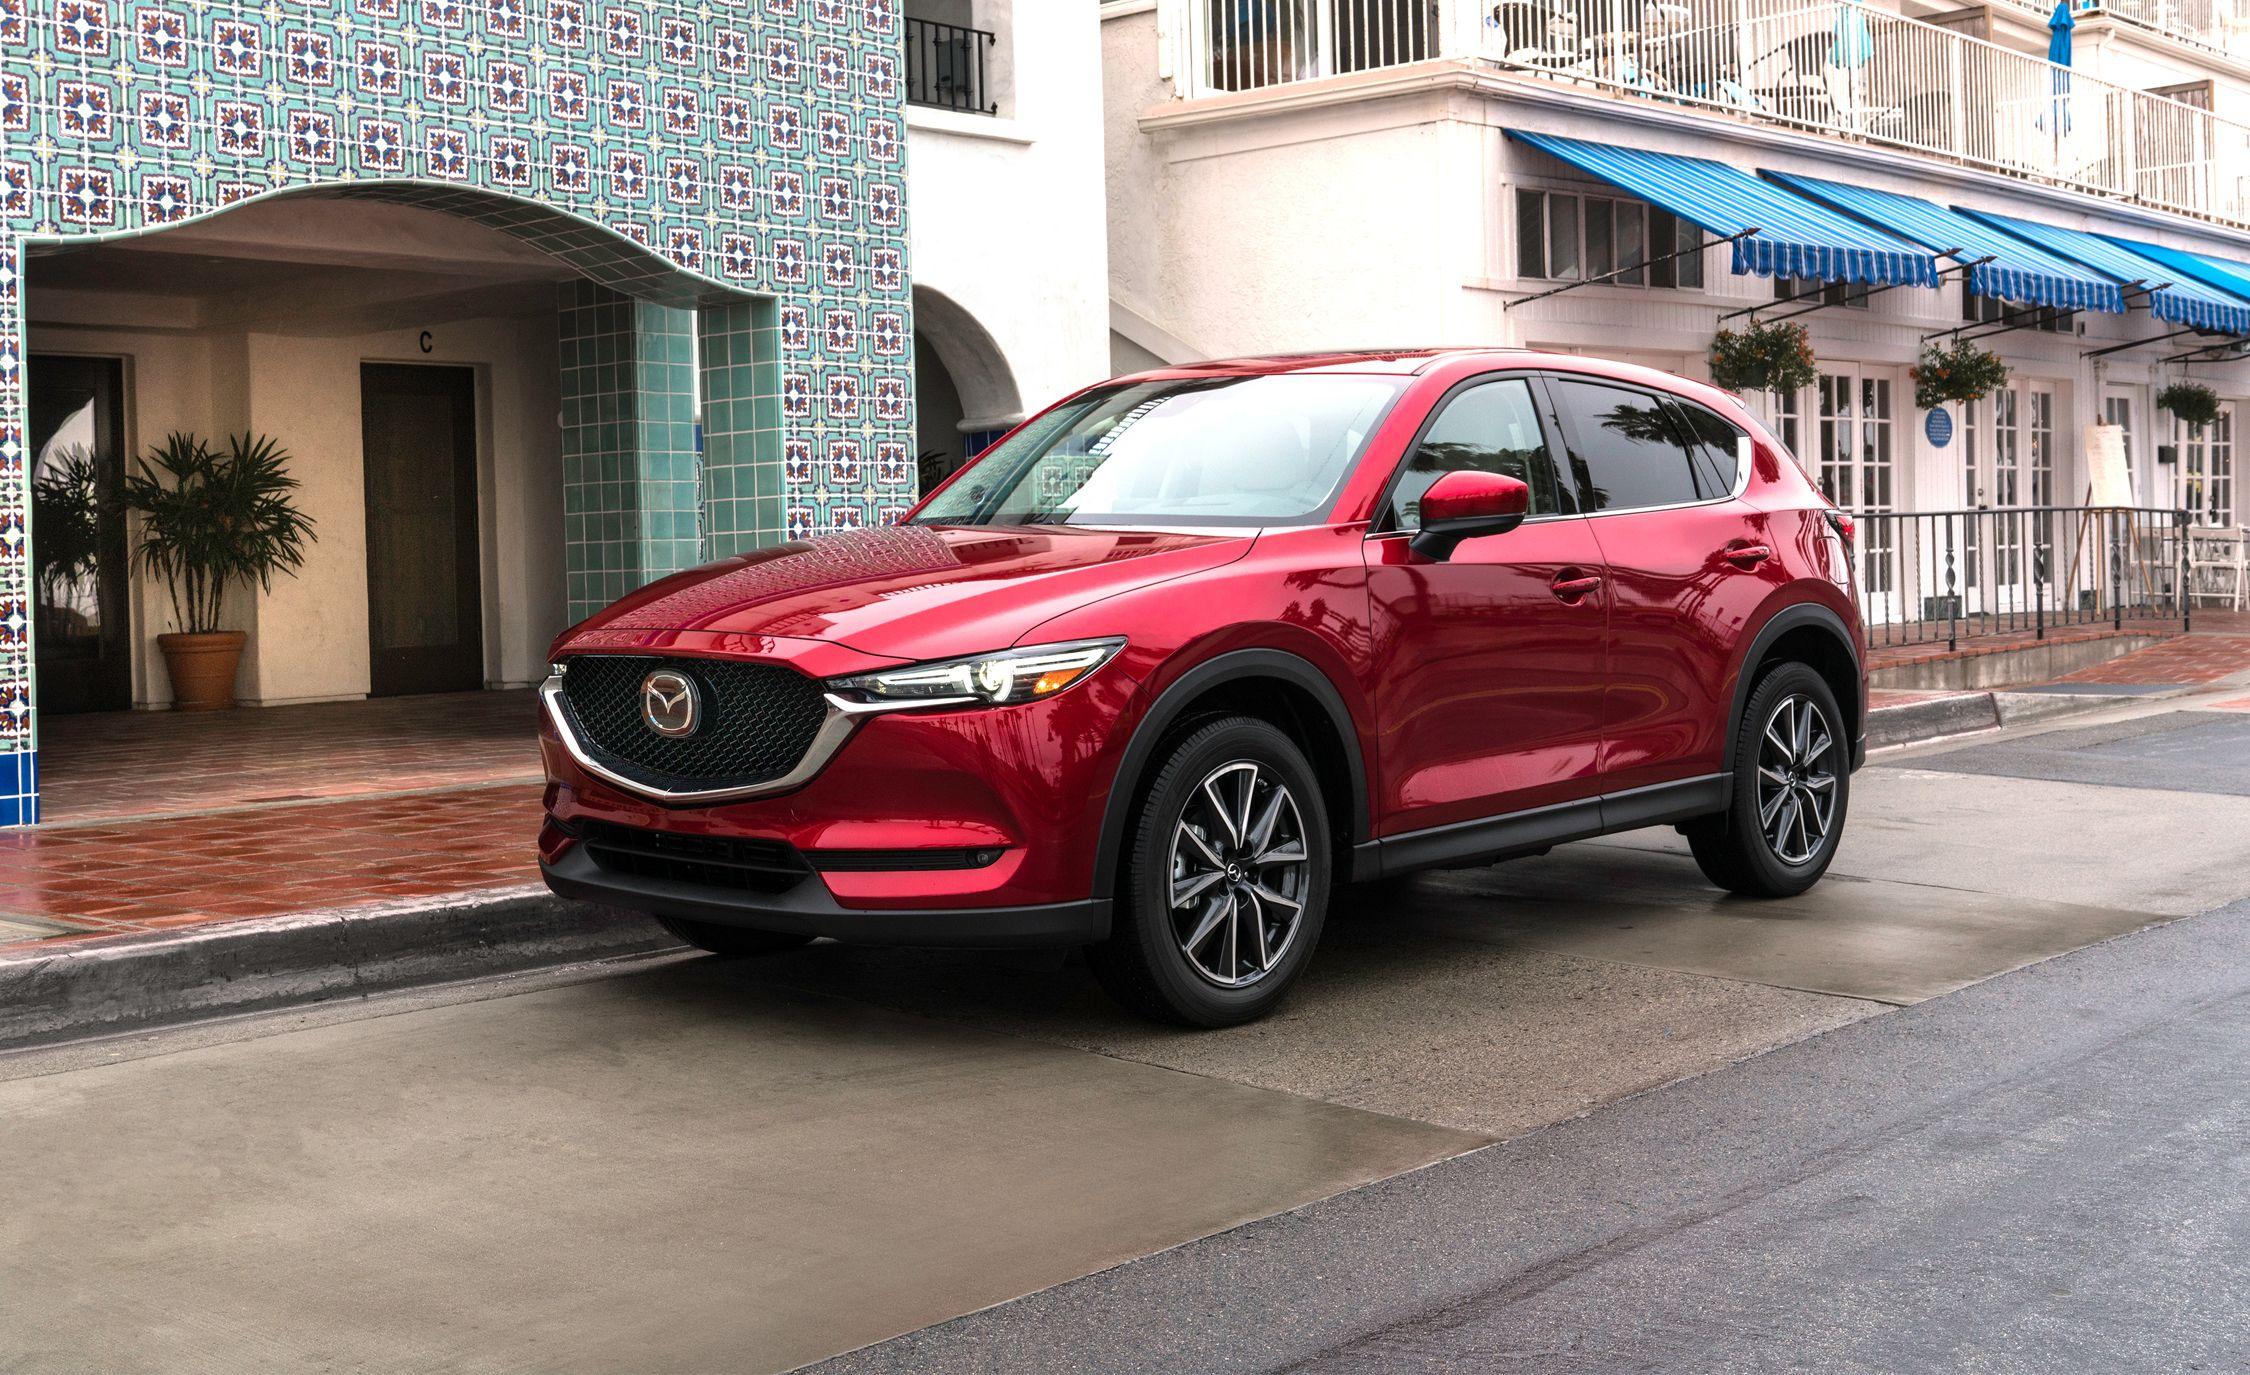 2017 Mazda CX 5 · Reviews ...